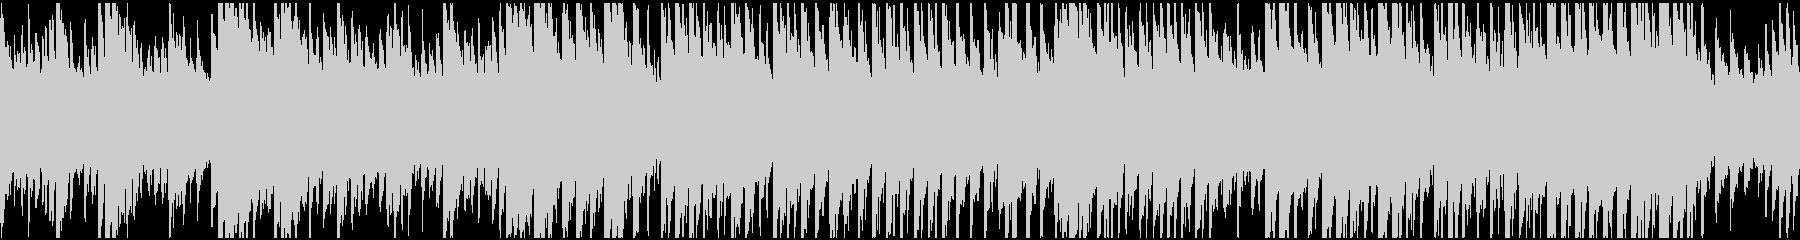 製品紹介・CM 明るく壮大なピアノソロの未再生の波形